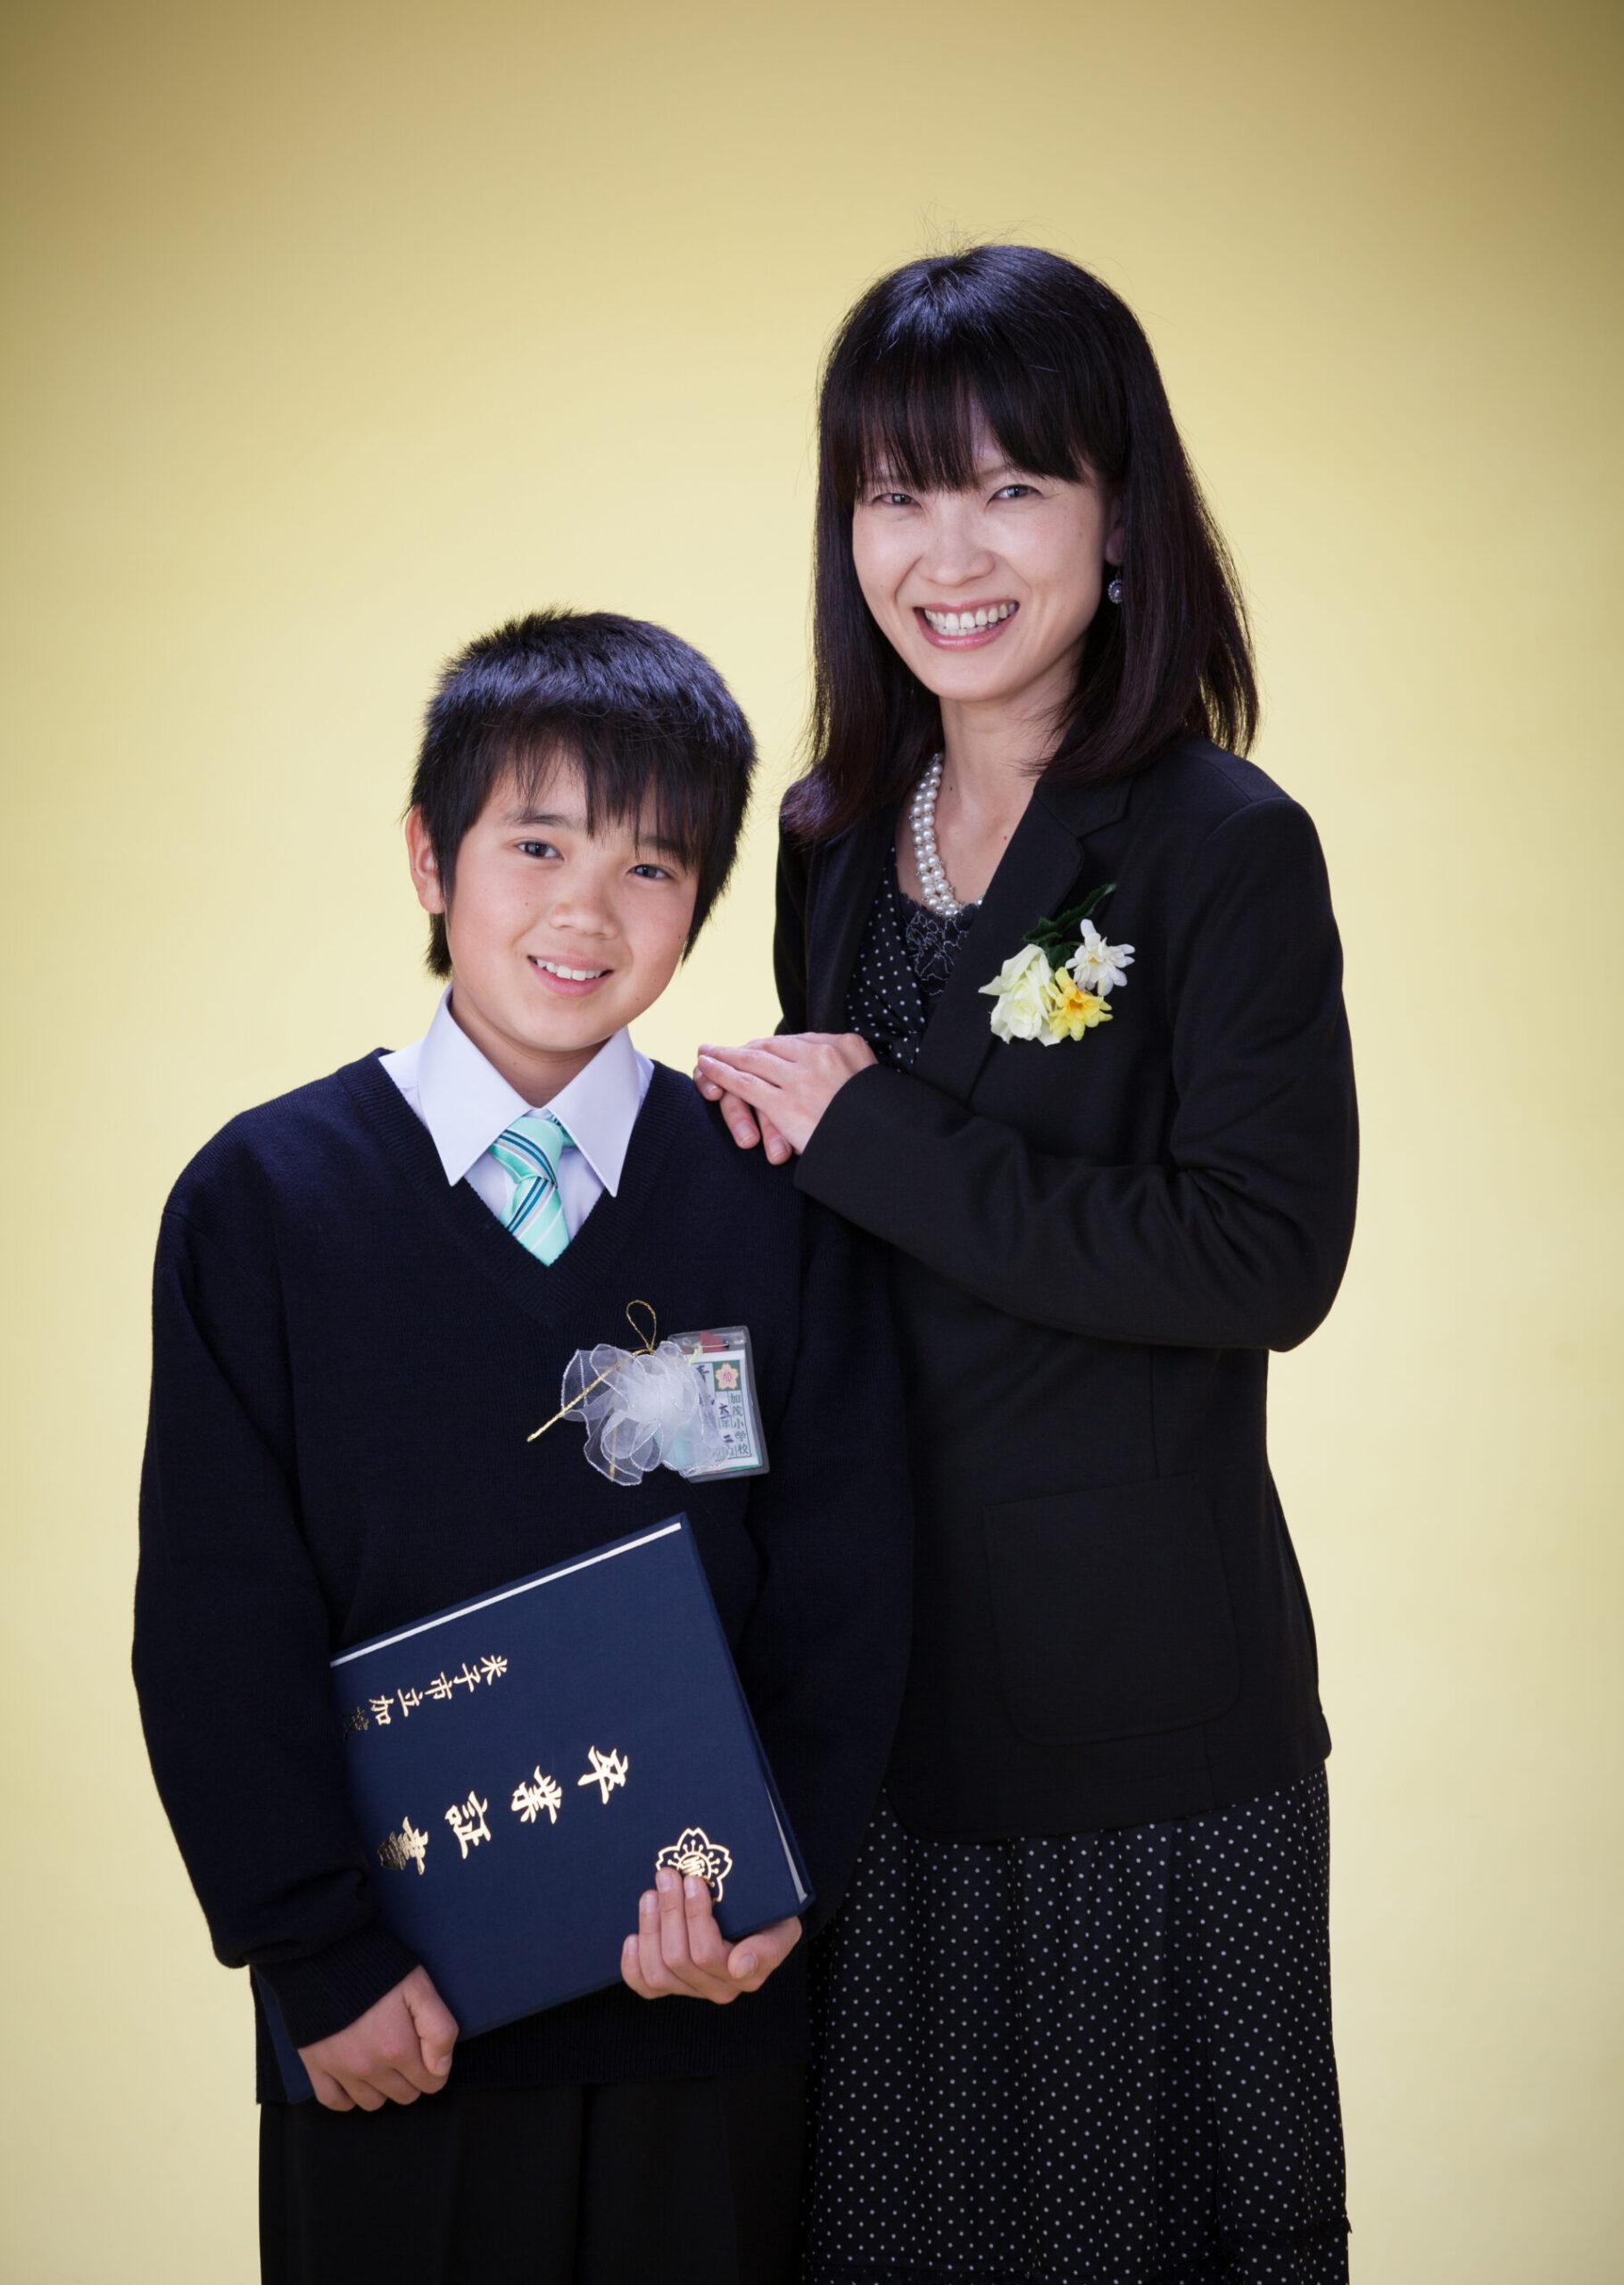 みなみフォトデザイン卒業